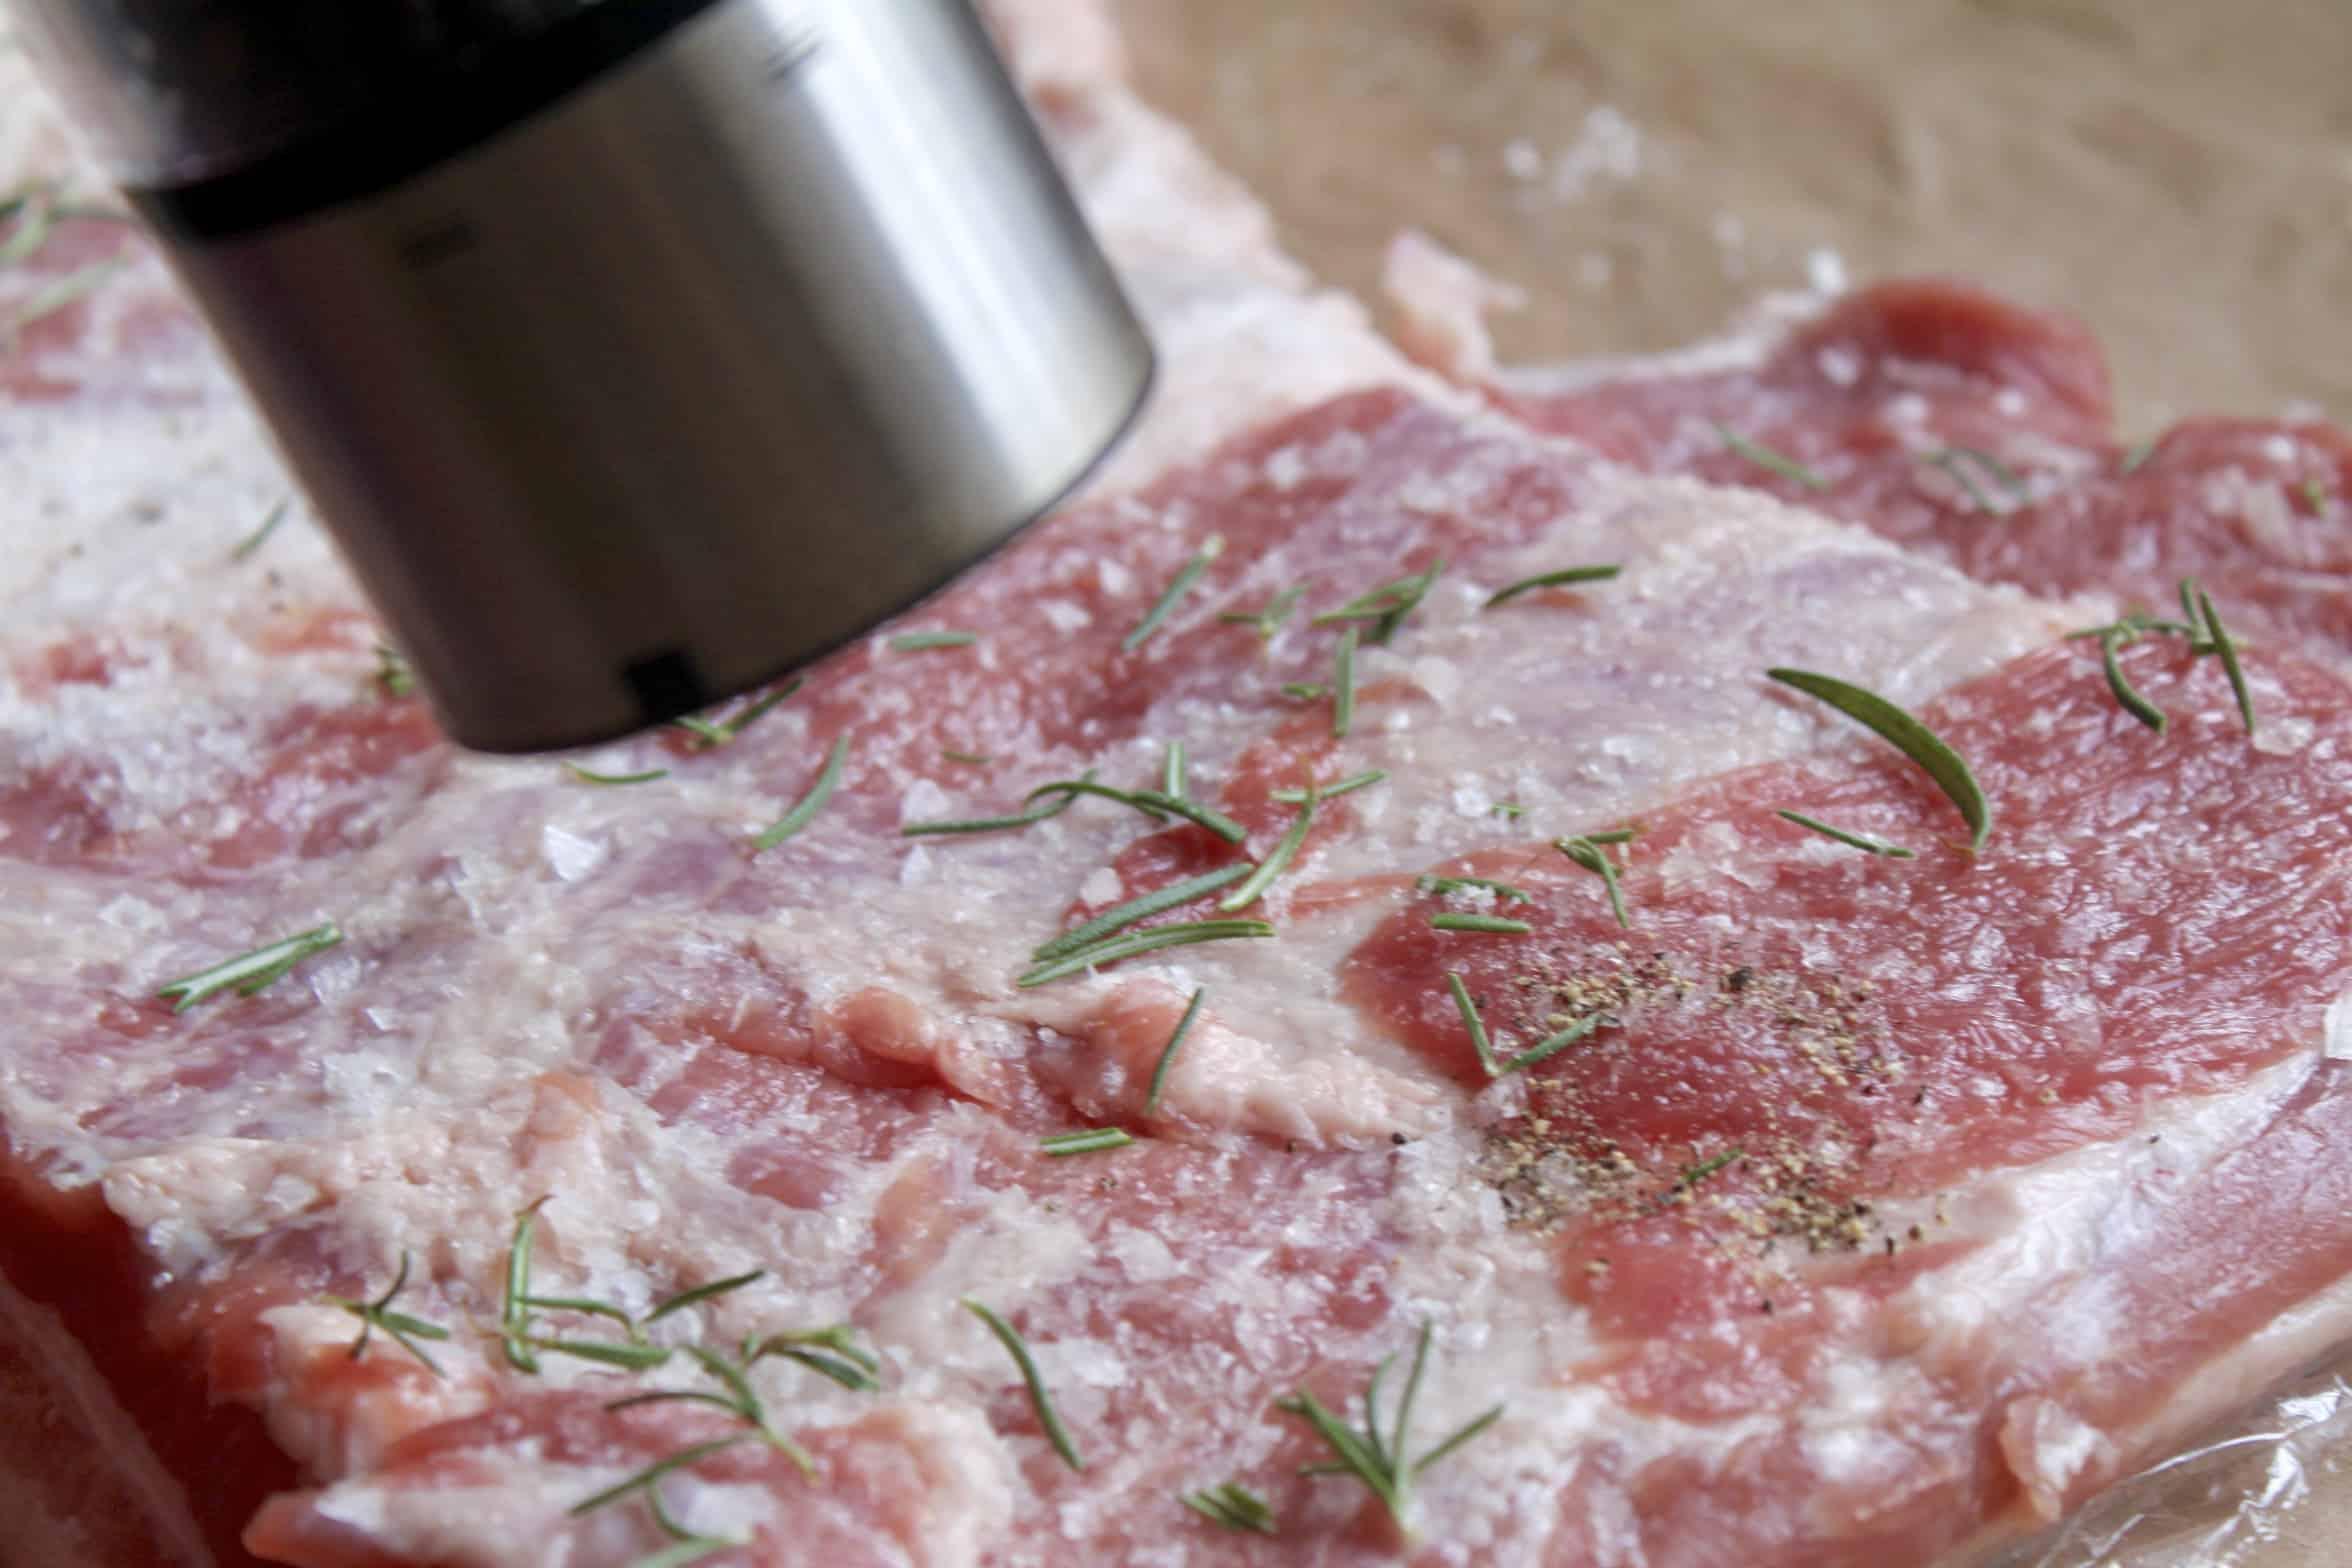 grinding pepper on the porchetta